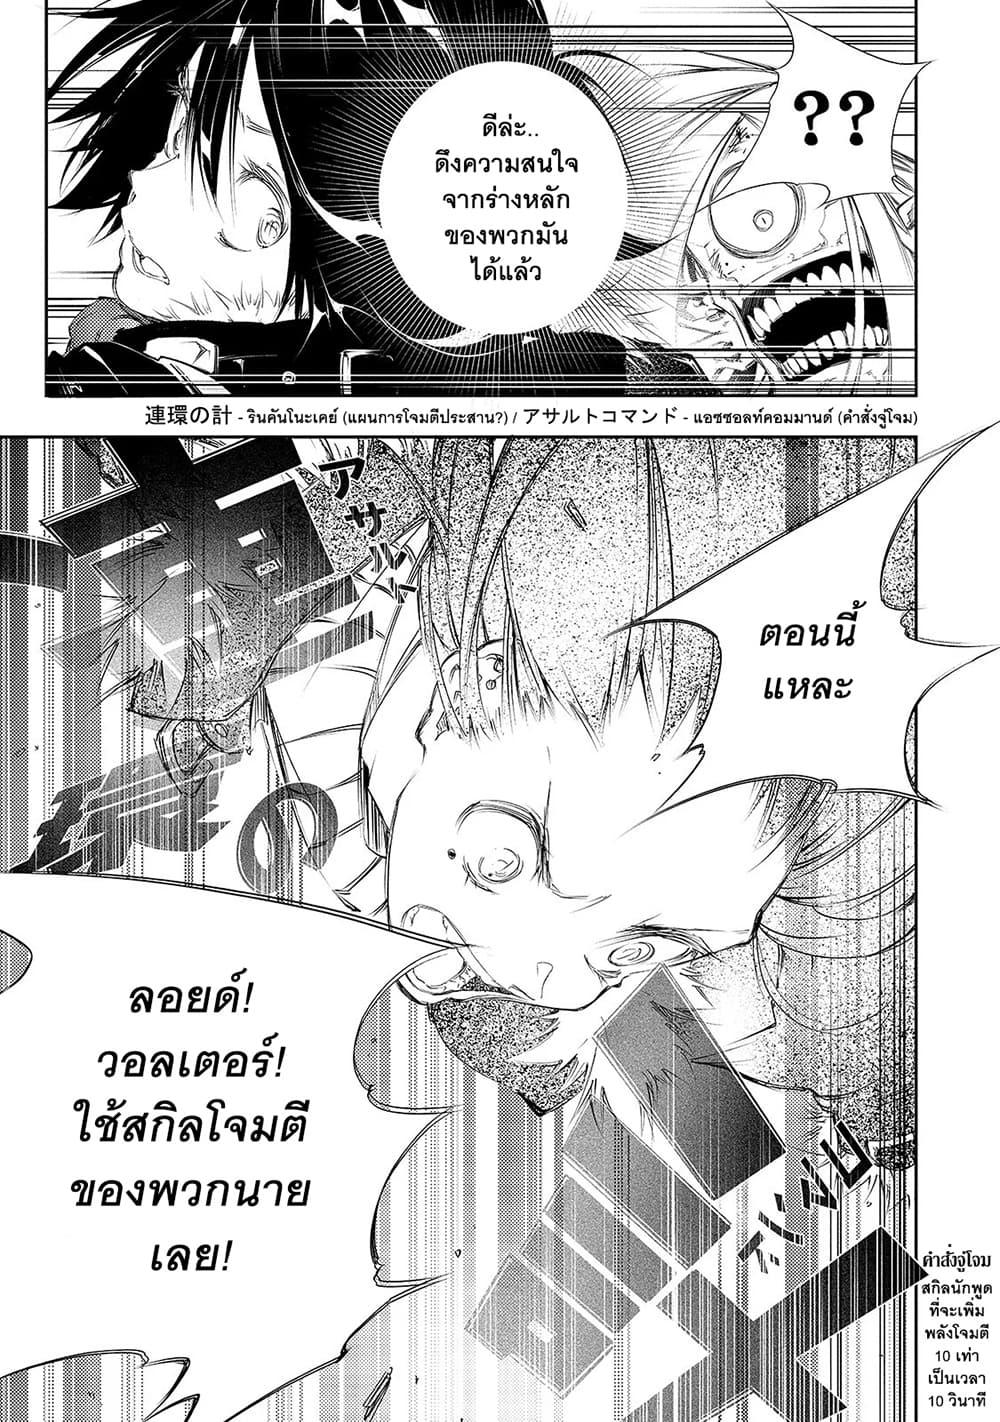 อ่านการ์ตูน Saikyou no Shien-shoku Wajutsushi Dearu Ore wa Sekai Saikyou Kuran o Shitagaeru ตอนที่ 2 หน้าที่ 36